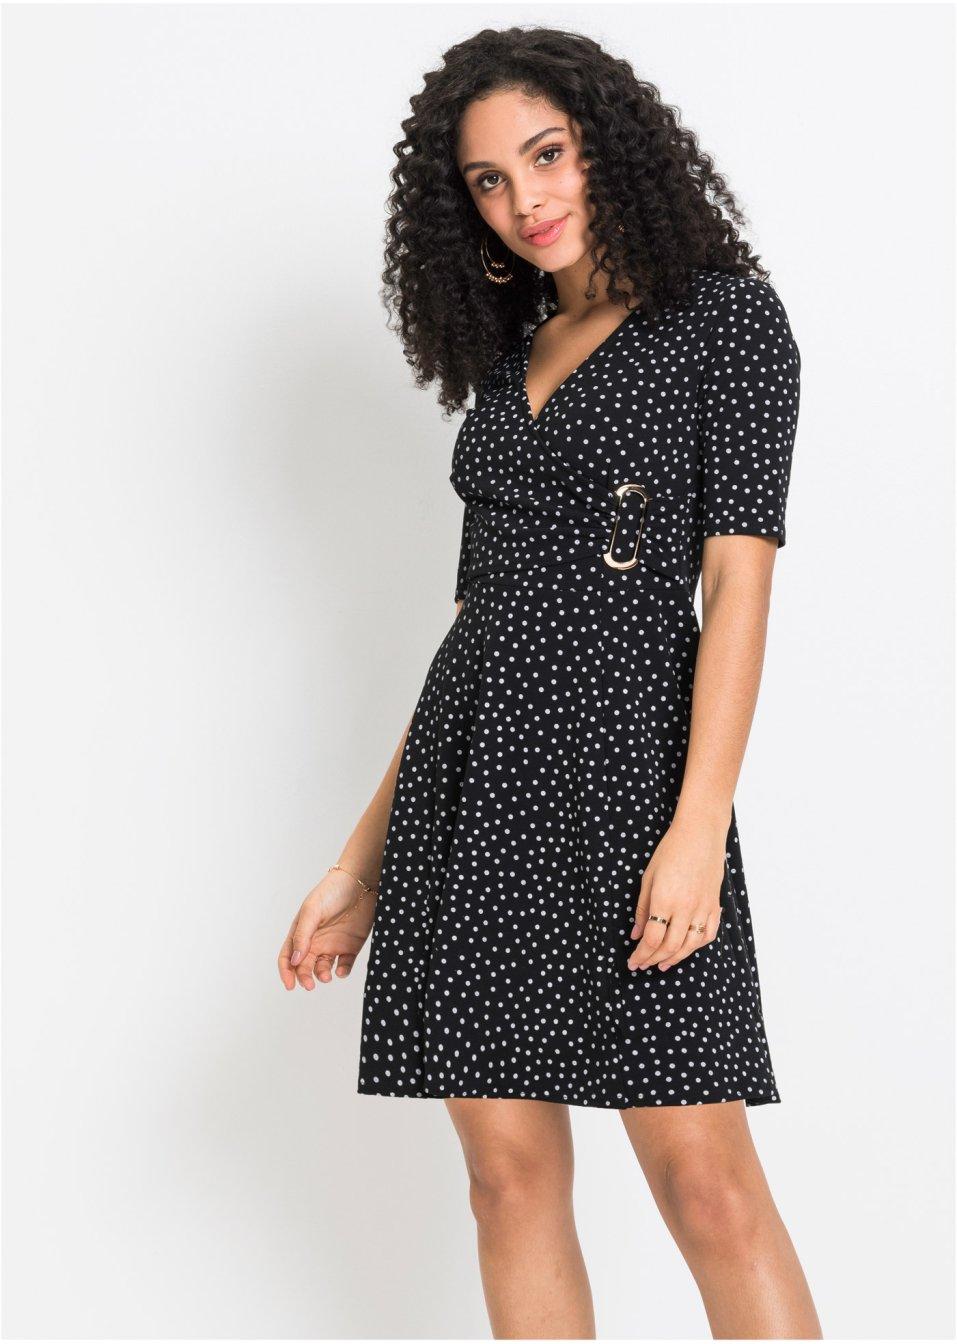 Kleid mit Punkten schwarz/wollweiß gepunktet - Damen ...